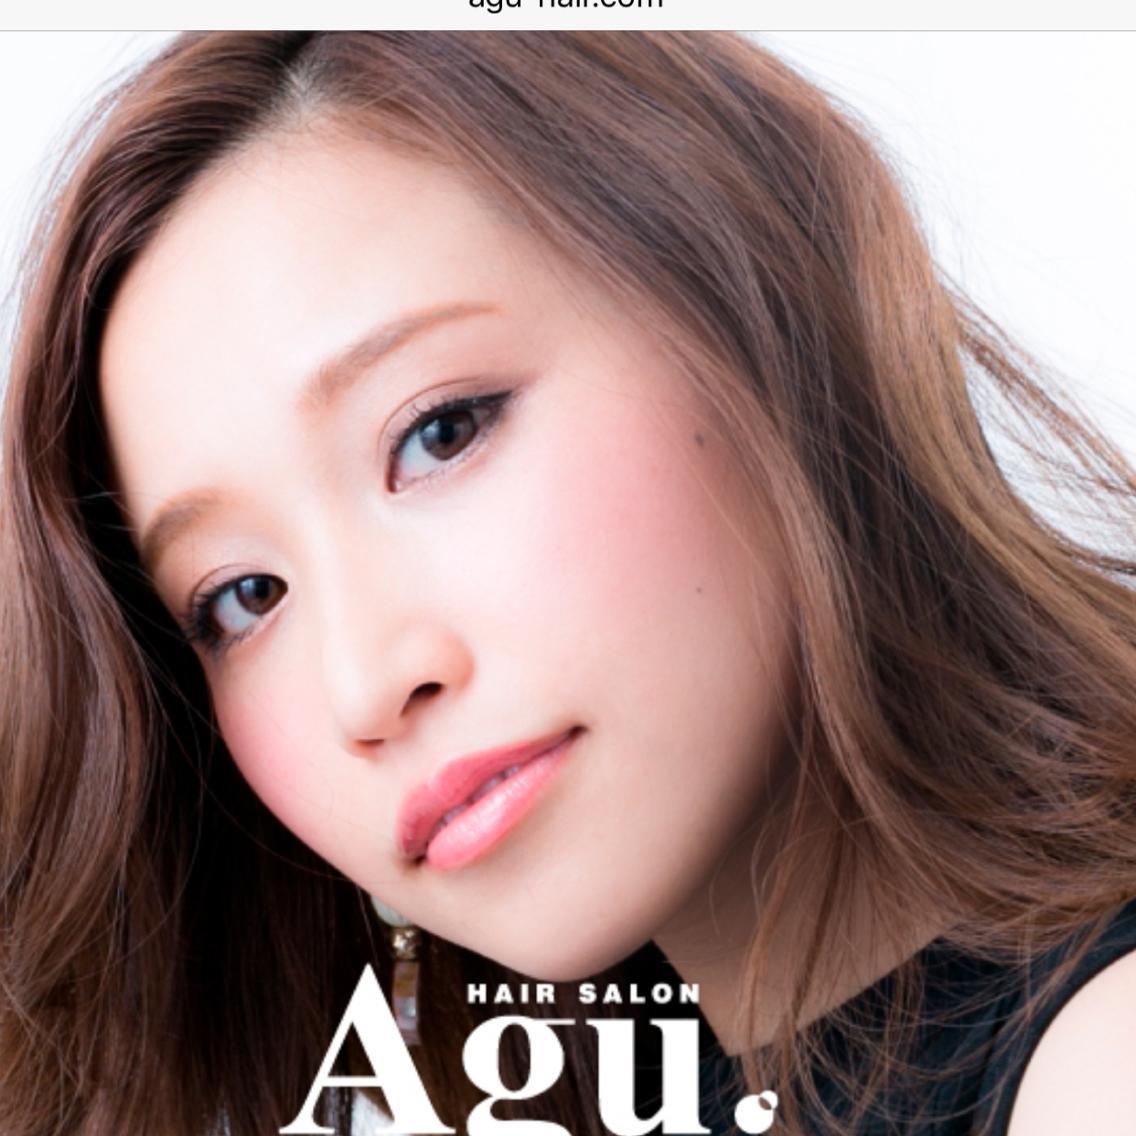 Agu hair park所属・植元拓也の掲載